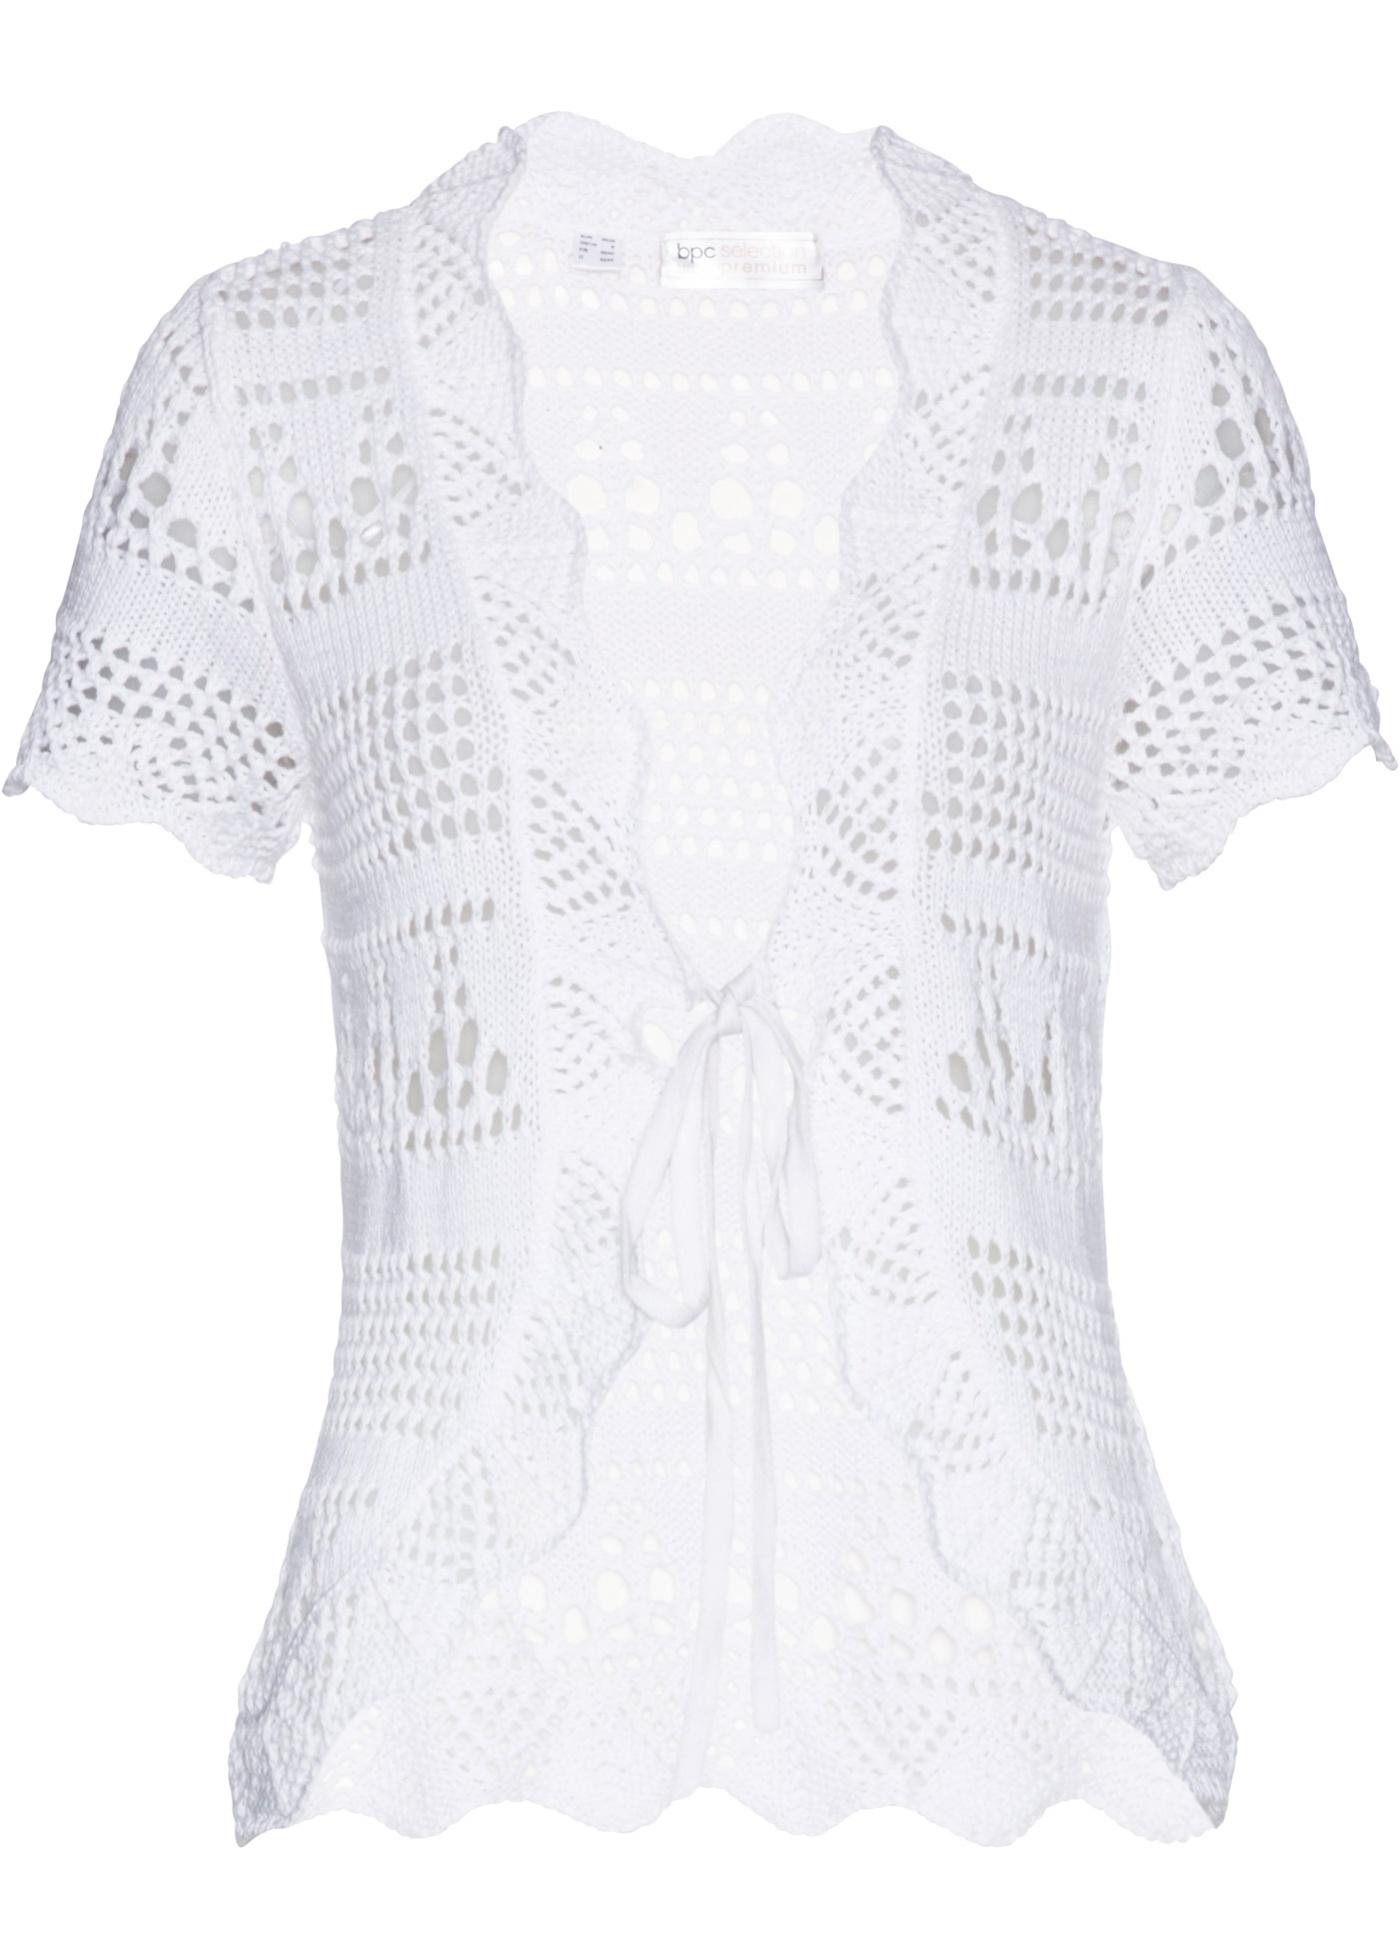 Femme Pour Maille Manches Blanc Courtes Selection Premium En Bpc BonprixGilet jMVSGLqUzp